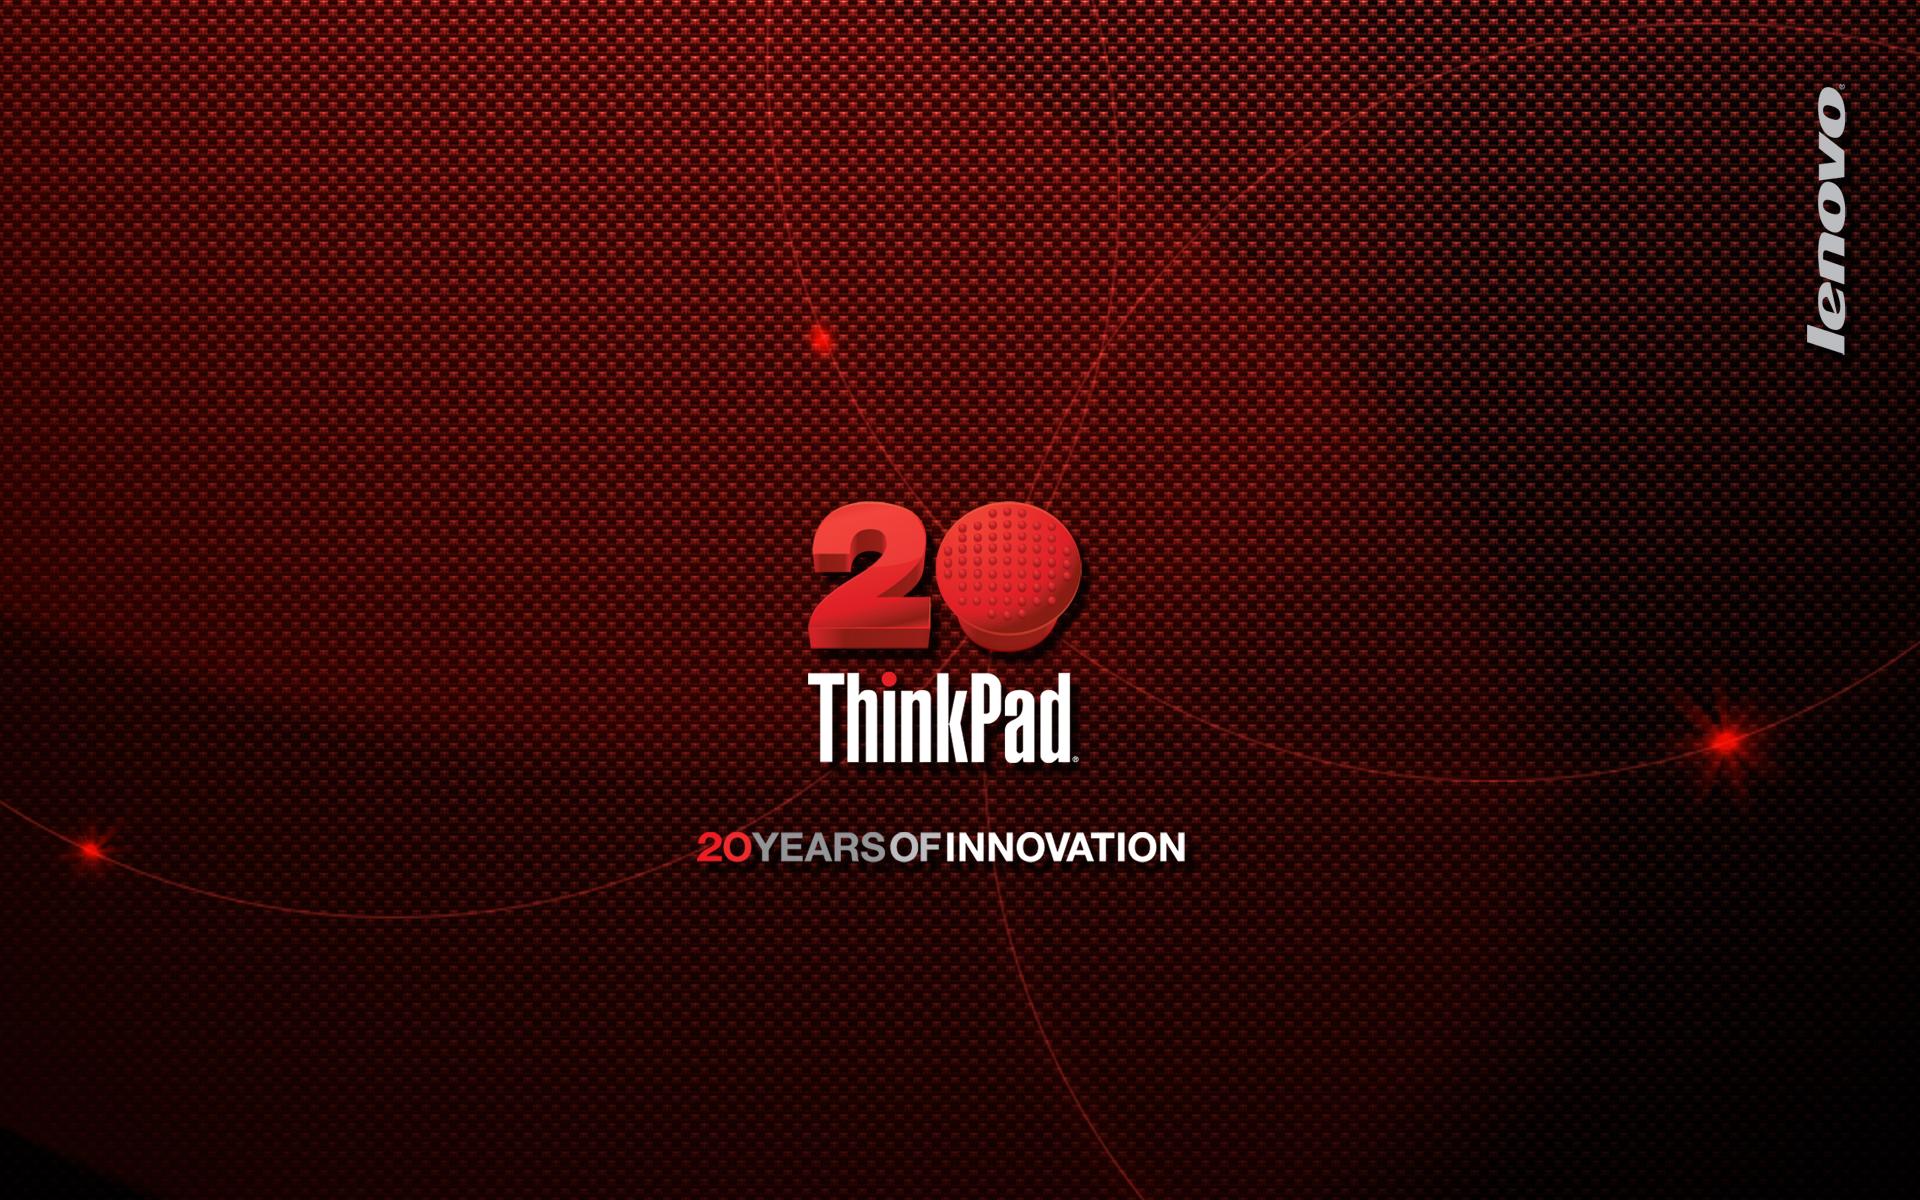 Thinkpad wallpaper 235110 1920x1200